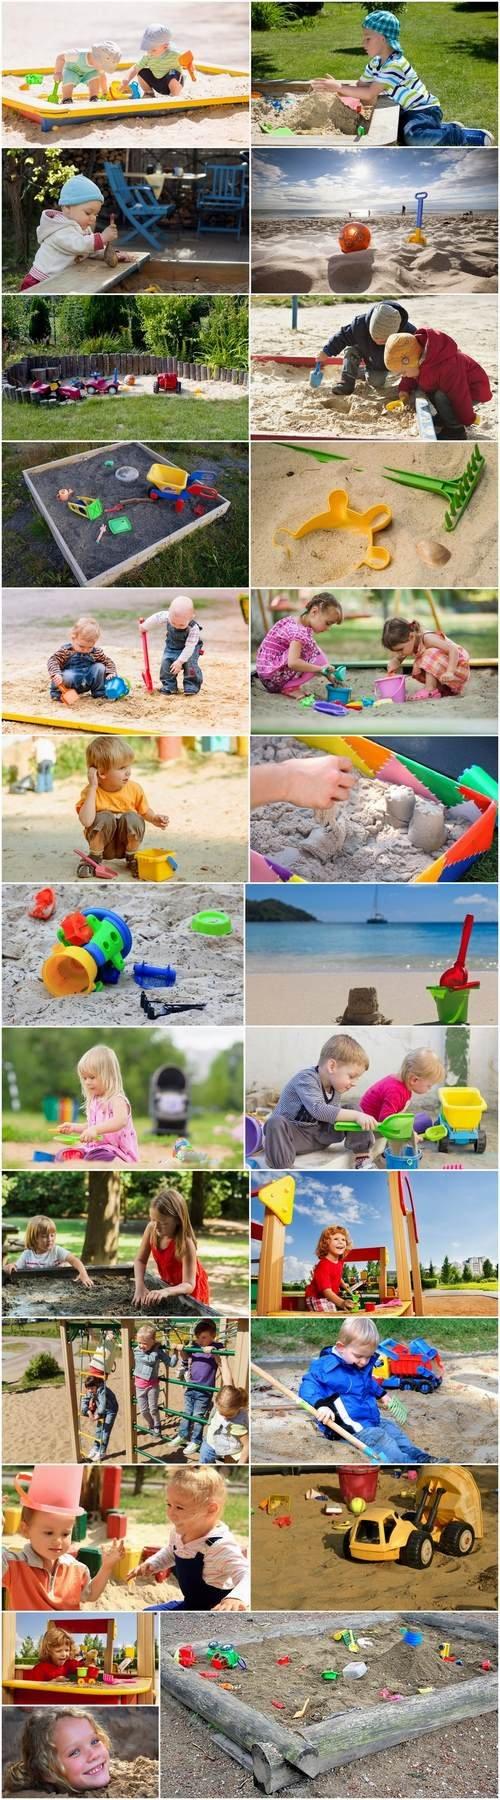 Children child in a sandbox toys 25 HQ Jpeg